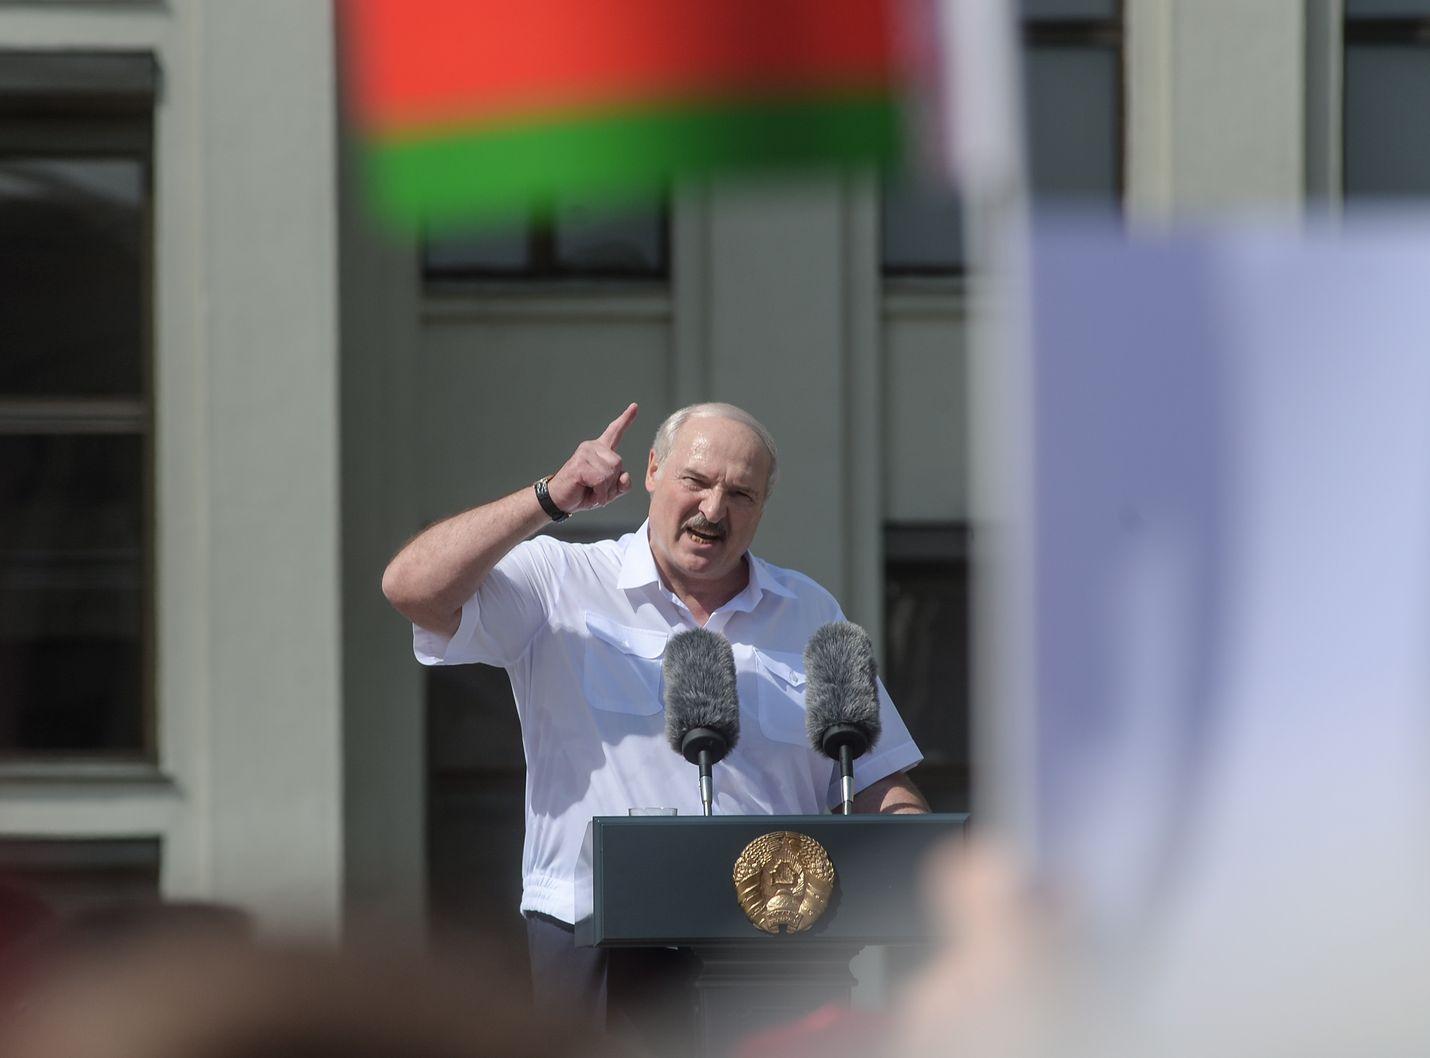 Valko-Venäjän presidentti Aleksandr Lukashenko puhui kannattajilleen maan pääkaupungissa Minskissä 16. elokuuta. Maanantaina Lukashenko tapaa Venäjällä presidentti Vladimir Putinin.